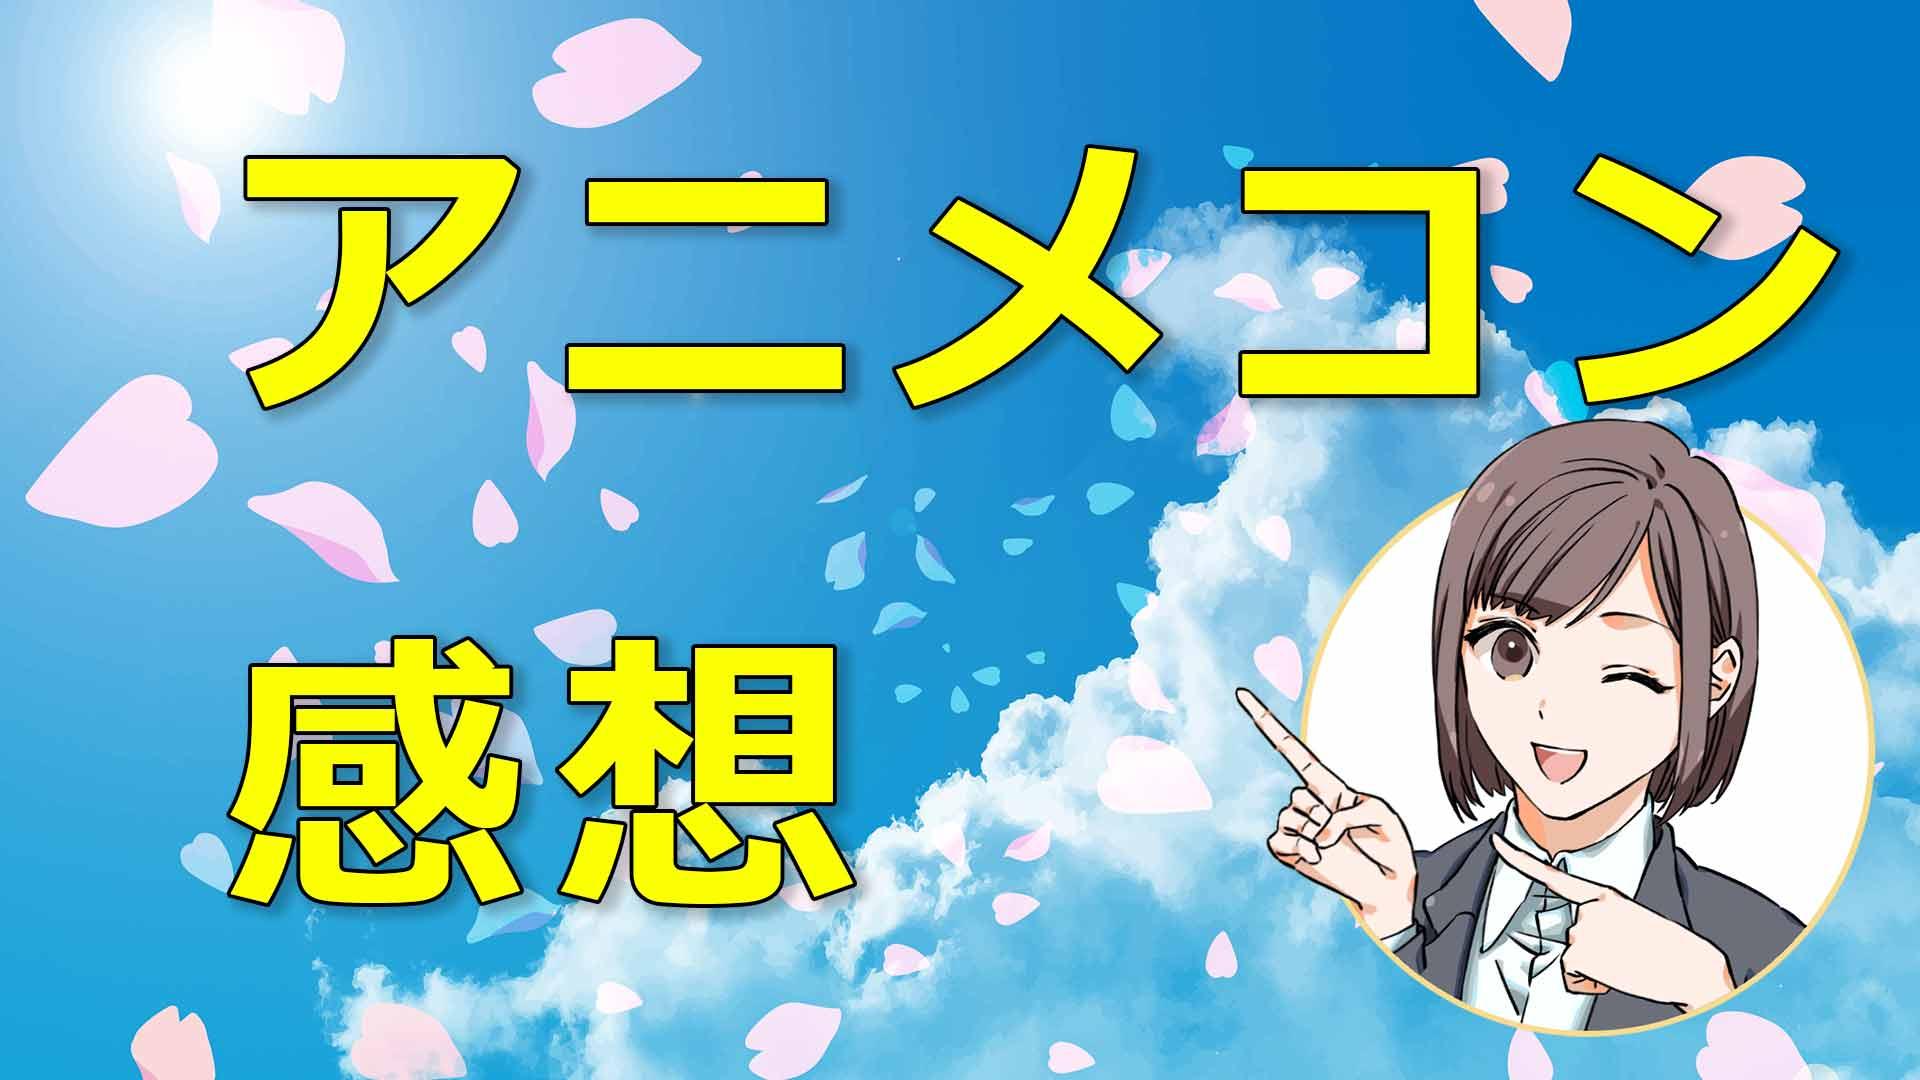 アニメコン感想_バナー画像